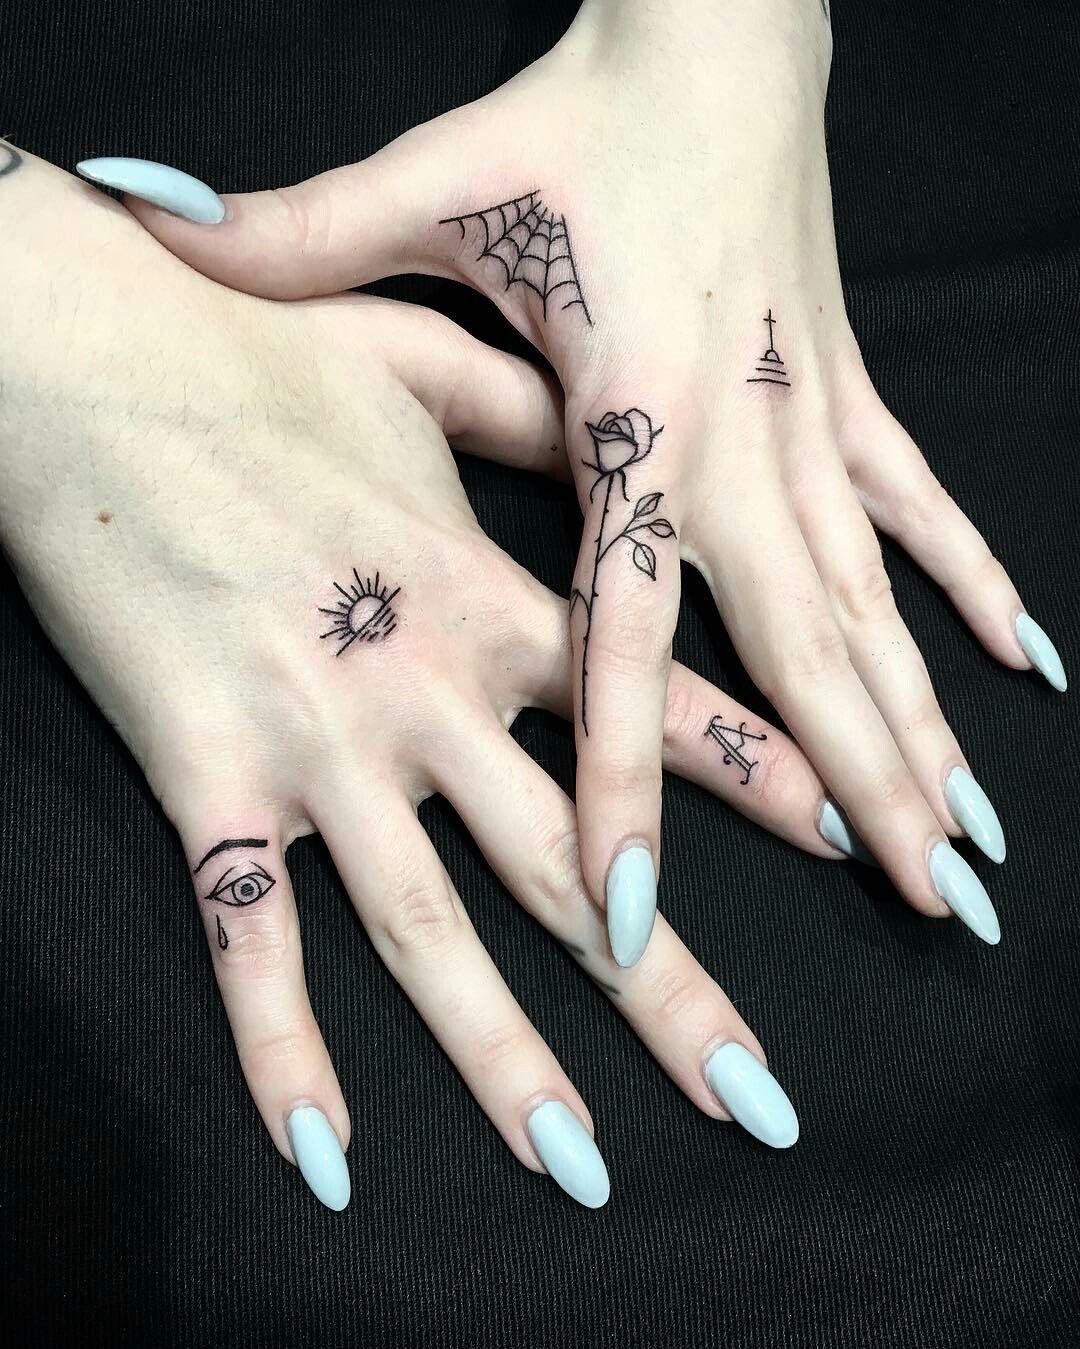 b04f56a0b Tattoos and piercings | Tattoos | Tattoos, Hand tattoos, Finger tattoos